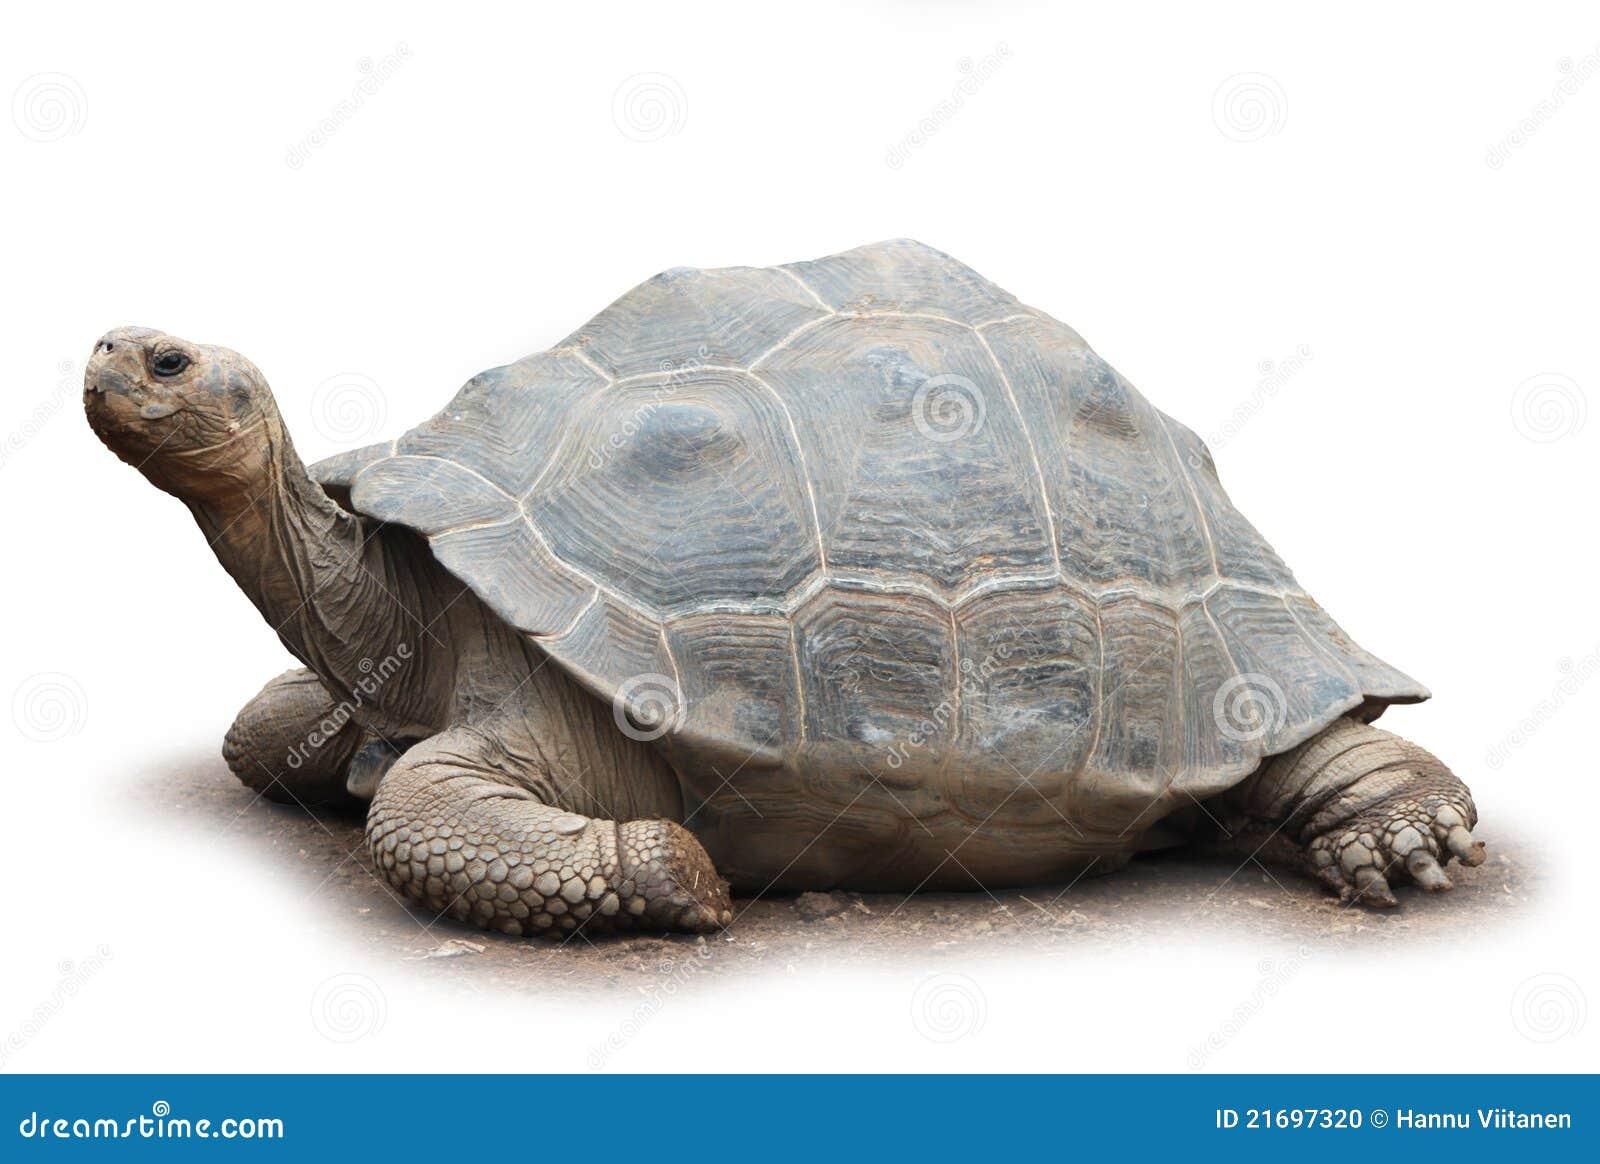 Big turtle isolated